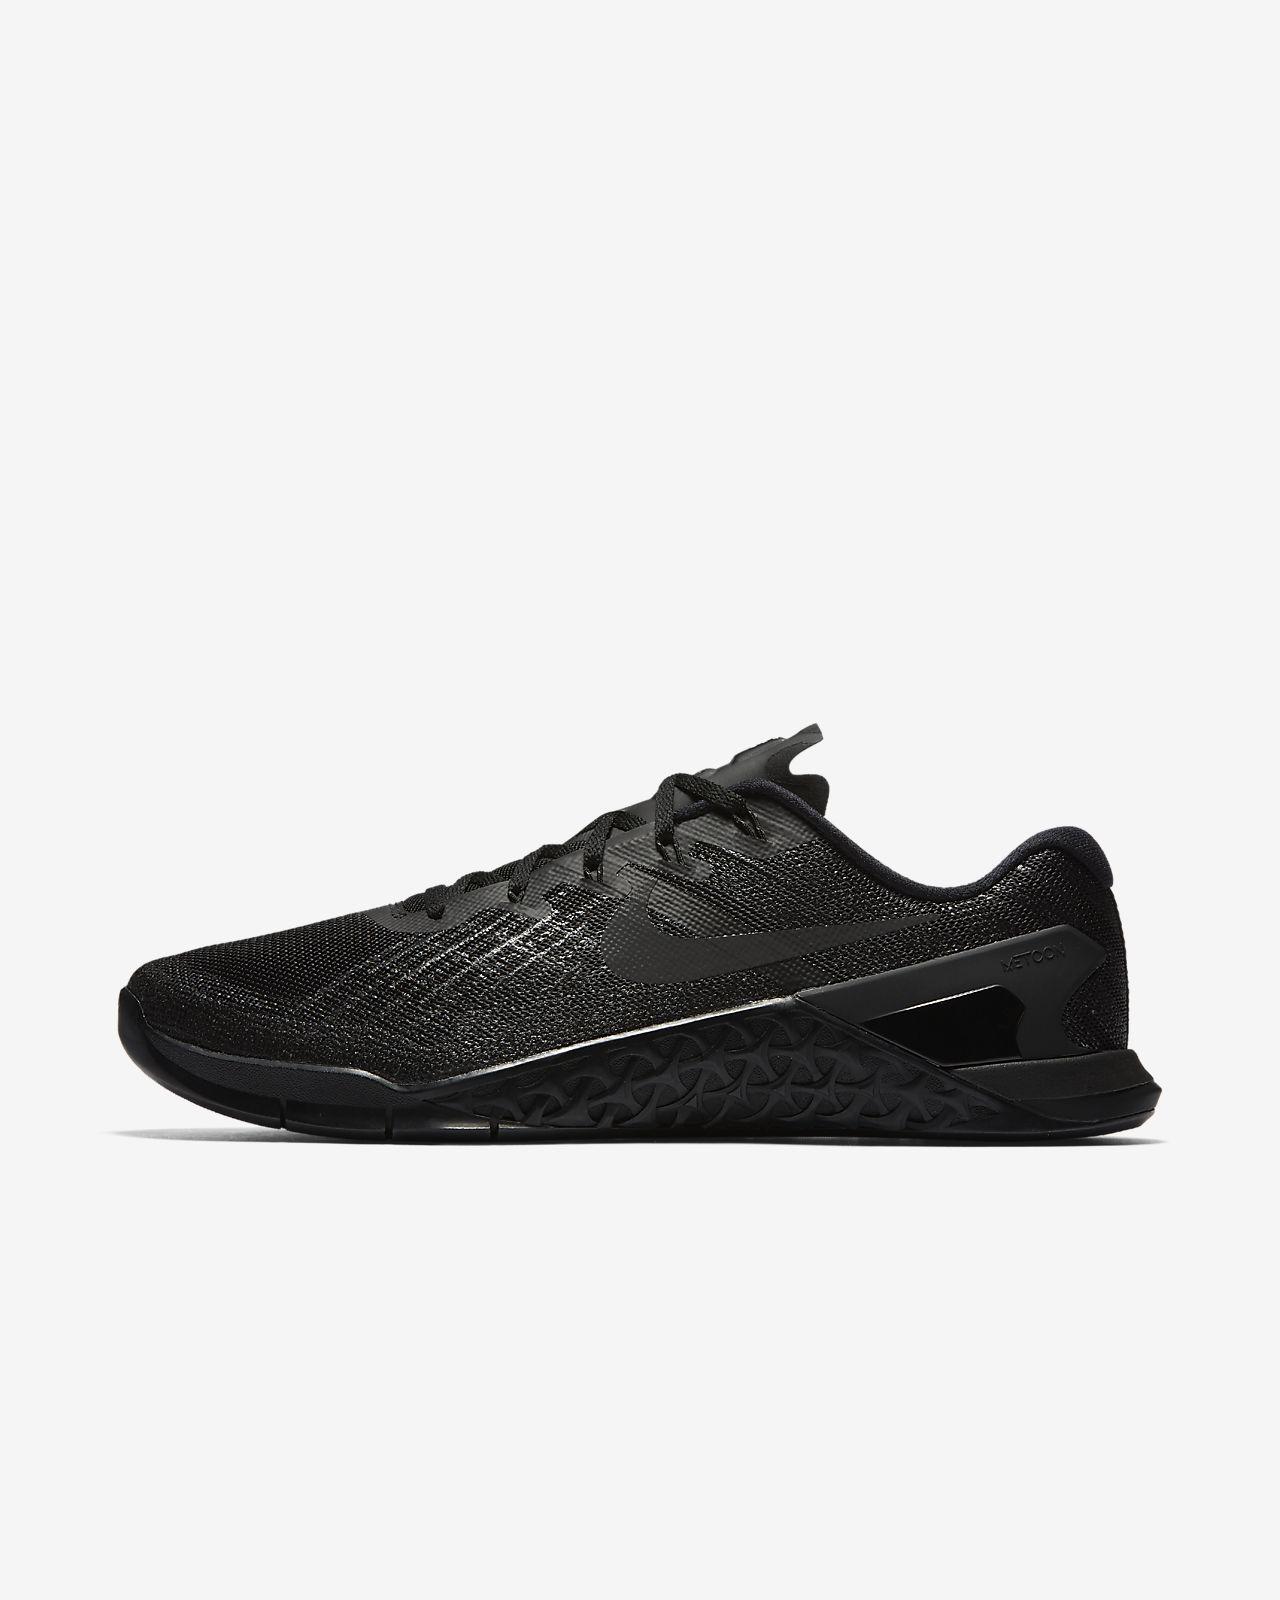 c058988ca28 Nike Metcon 3 Zapatillas de entrenamiento - Hombre. Nike.com ES